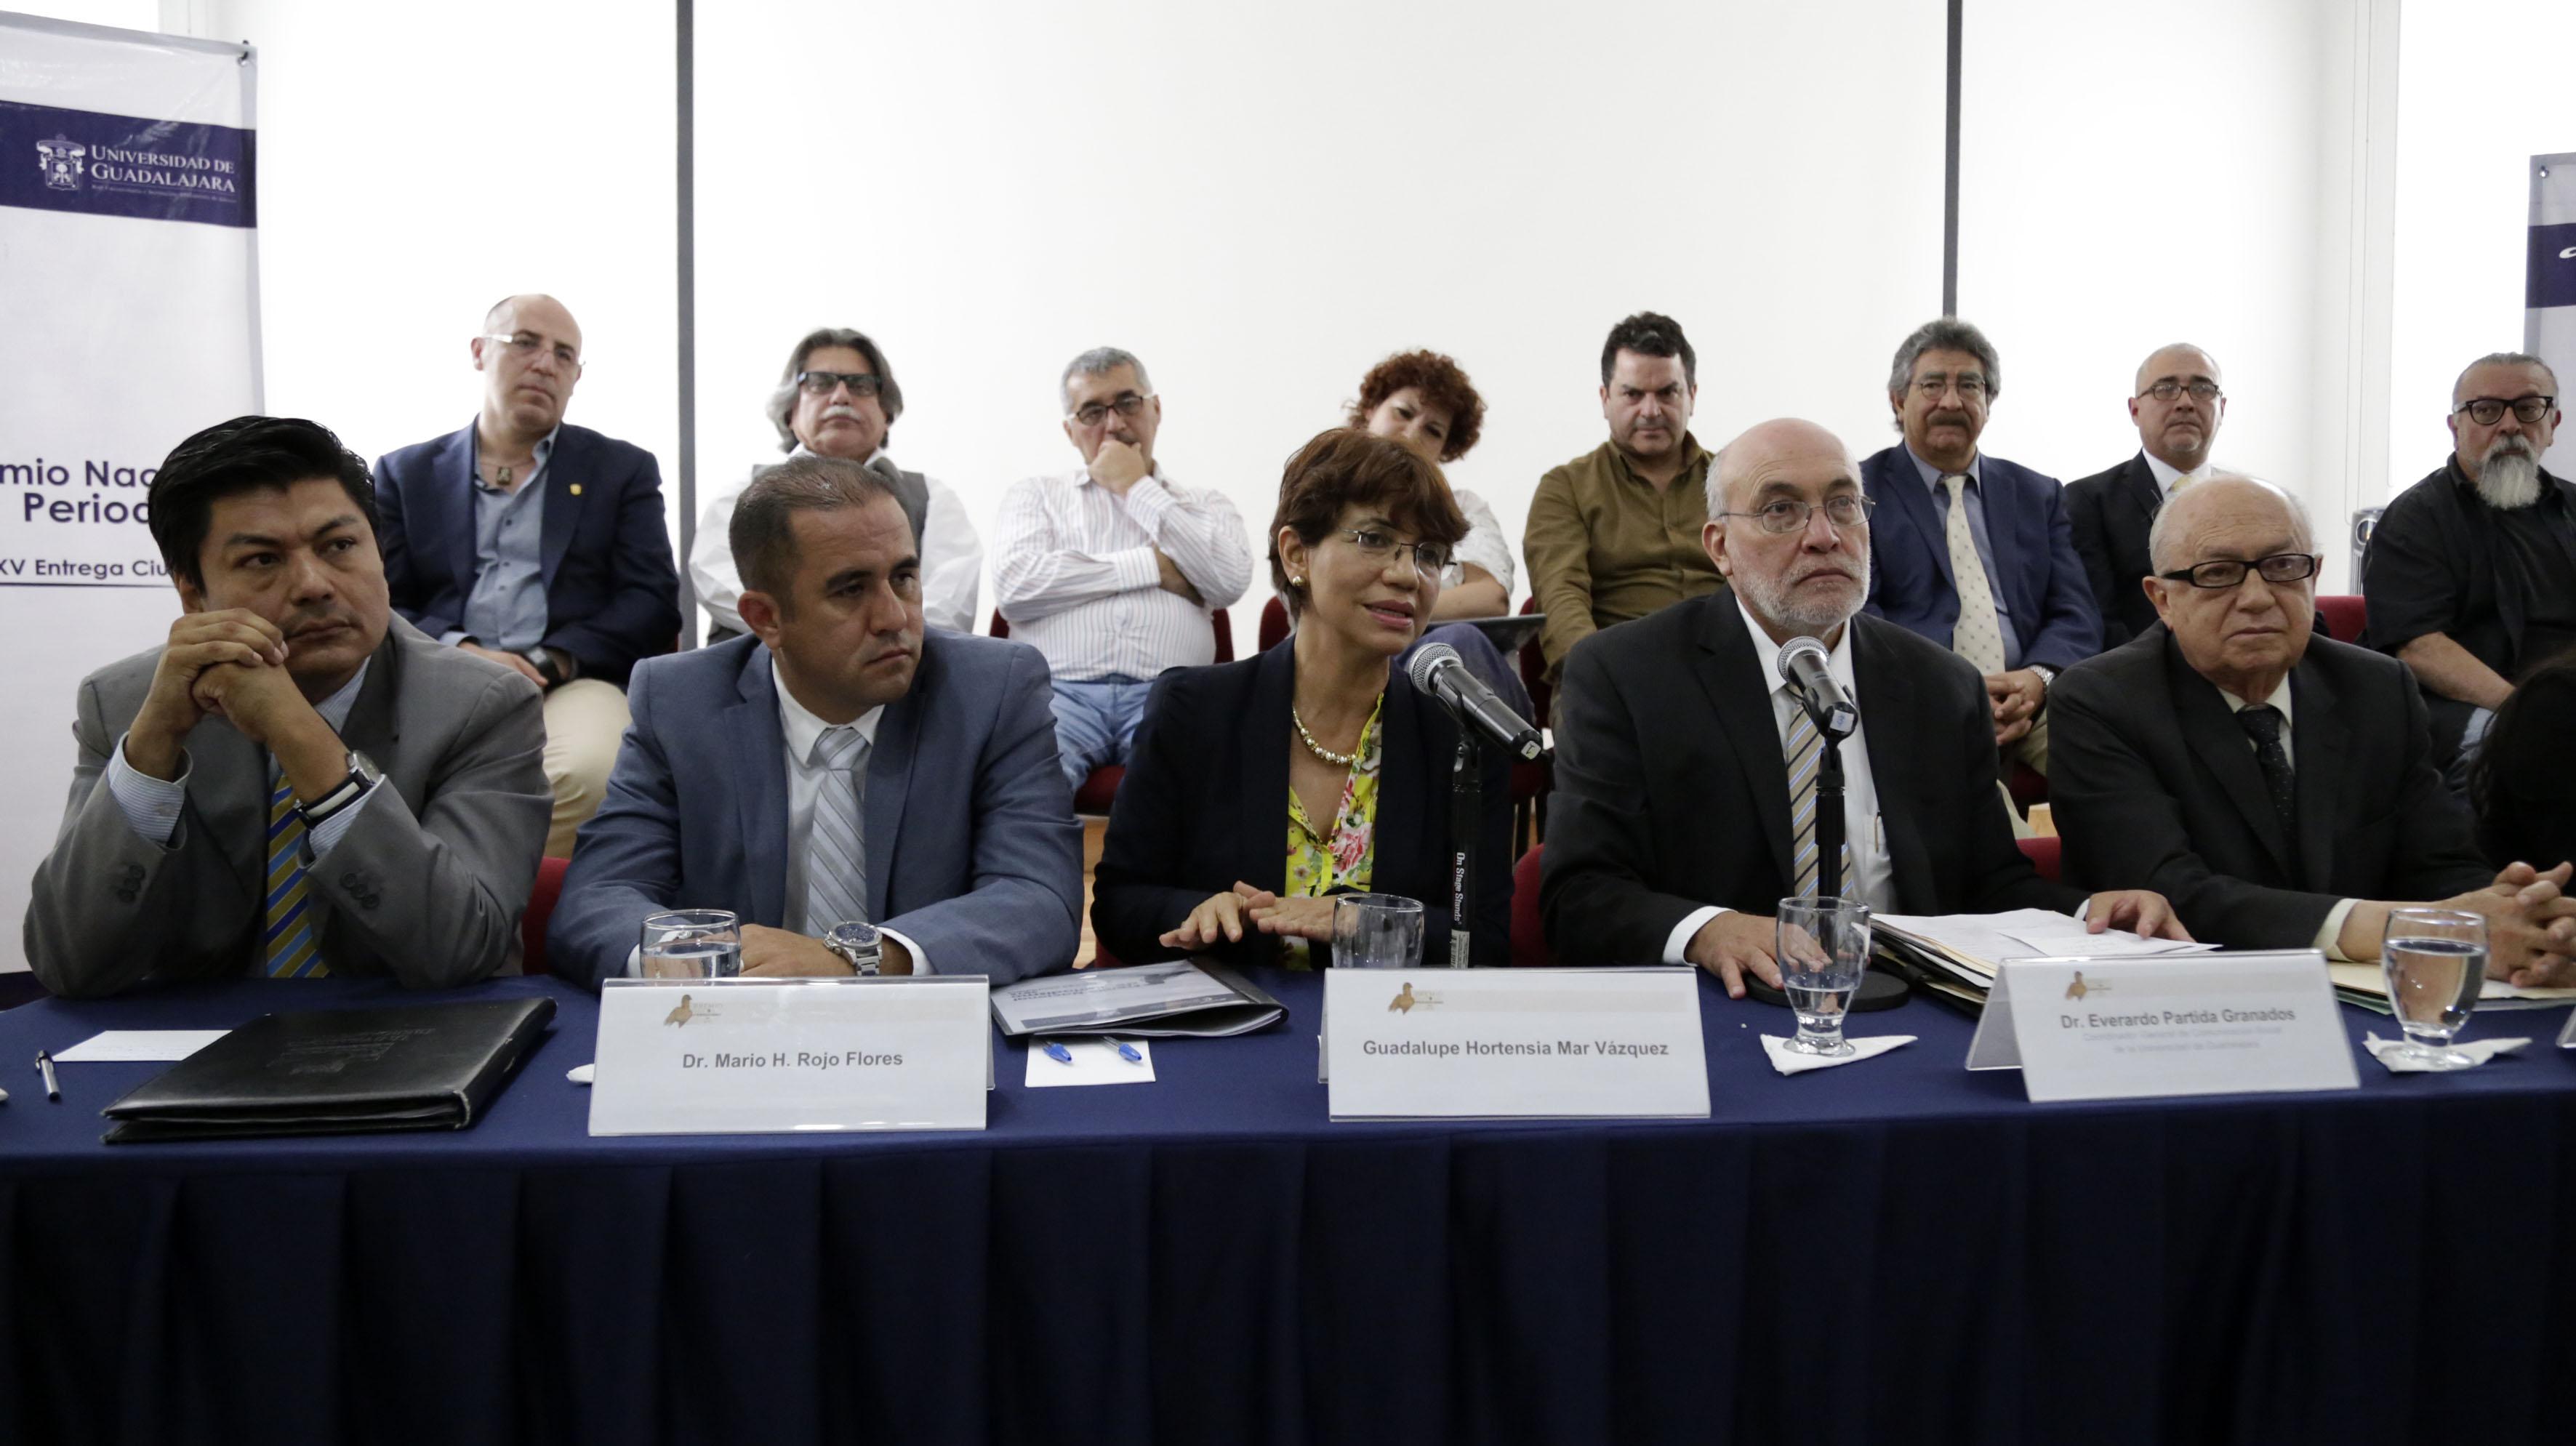 Guadalupe Hortensia Mar Vázquez y Dr. Everardo Partida Granados